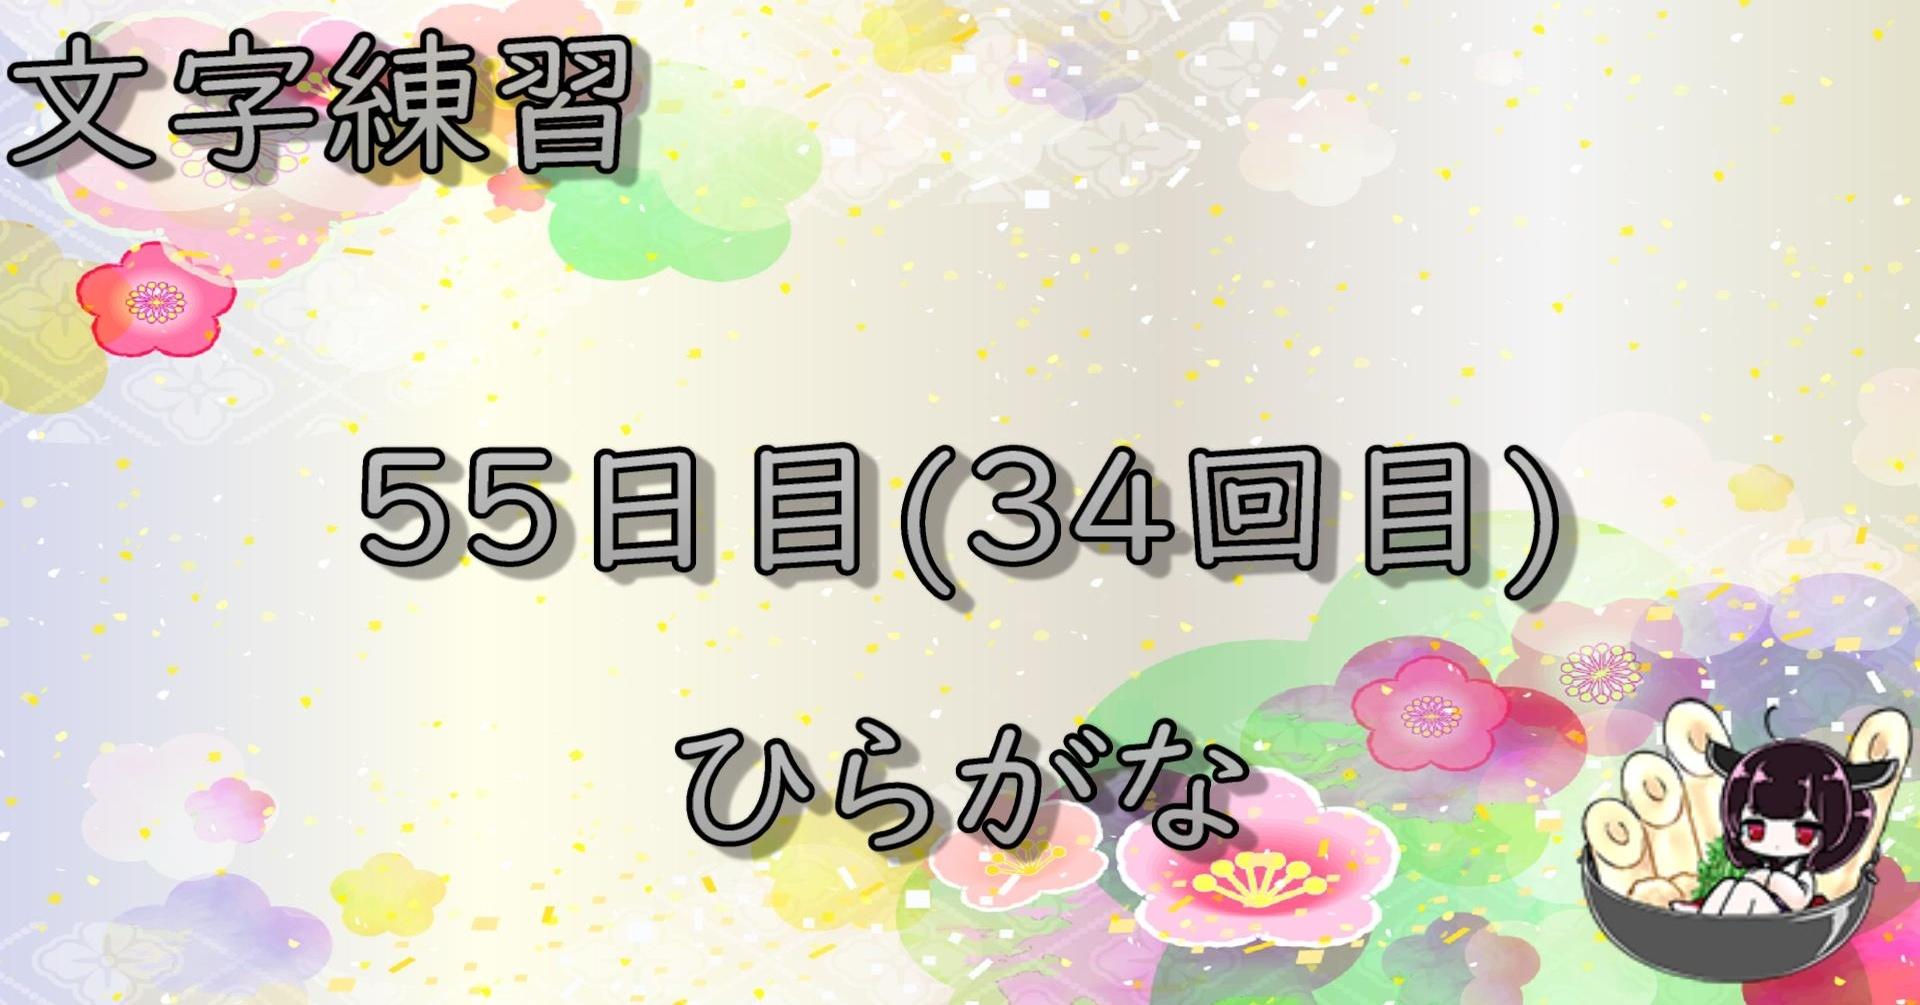 文字練習55日目(34回目)